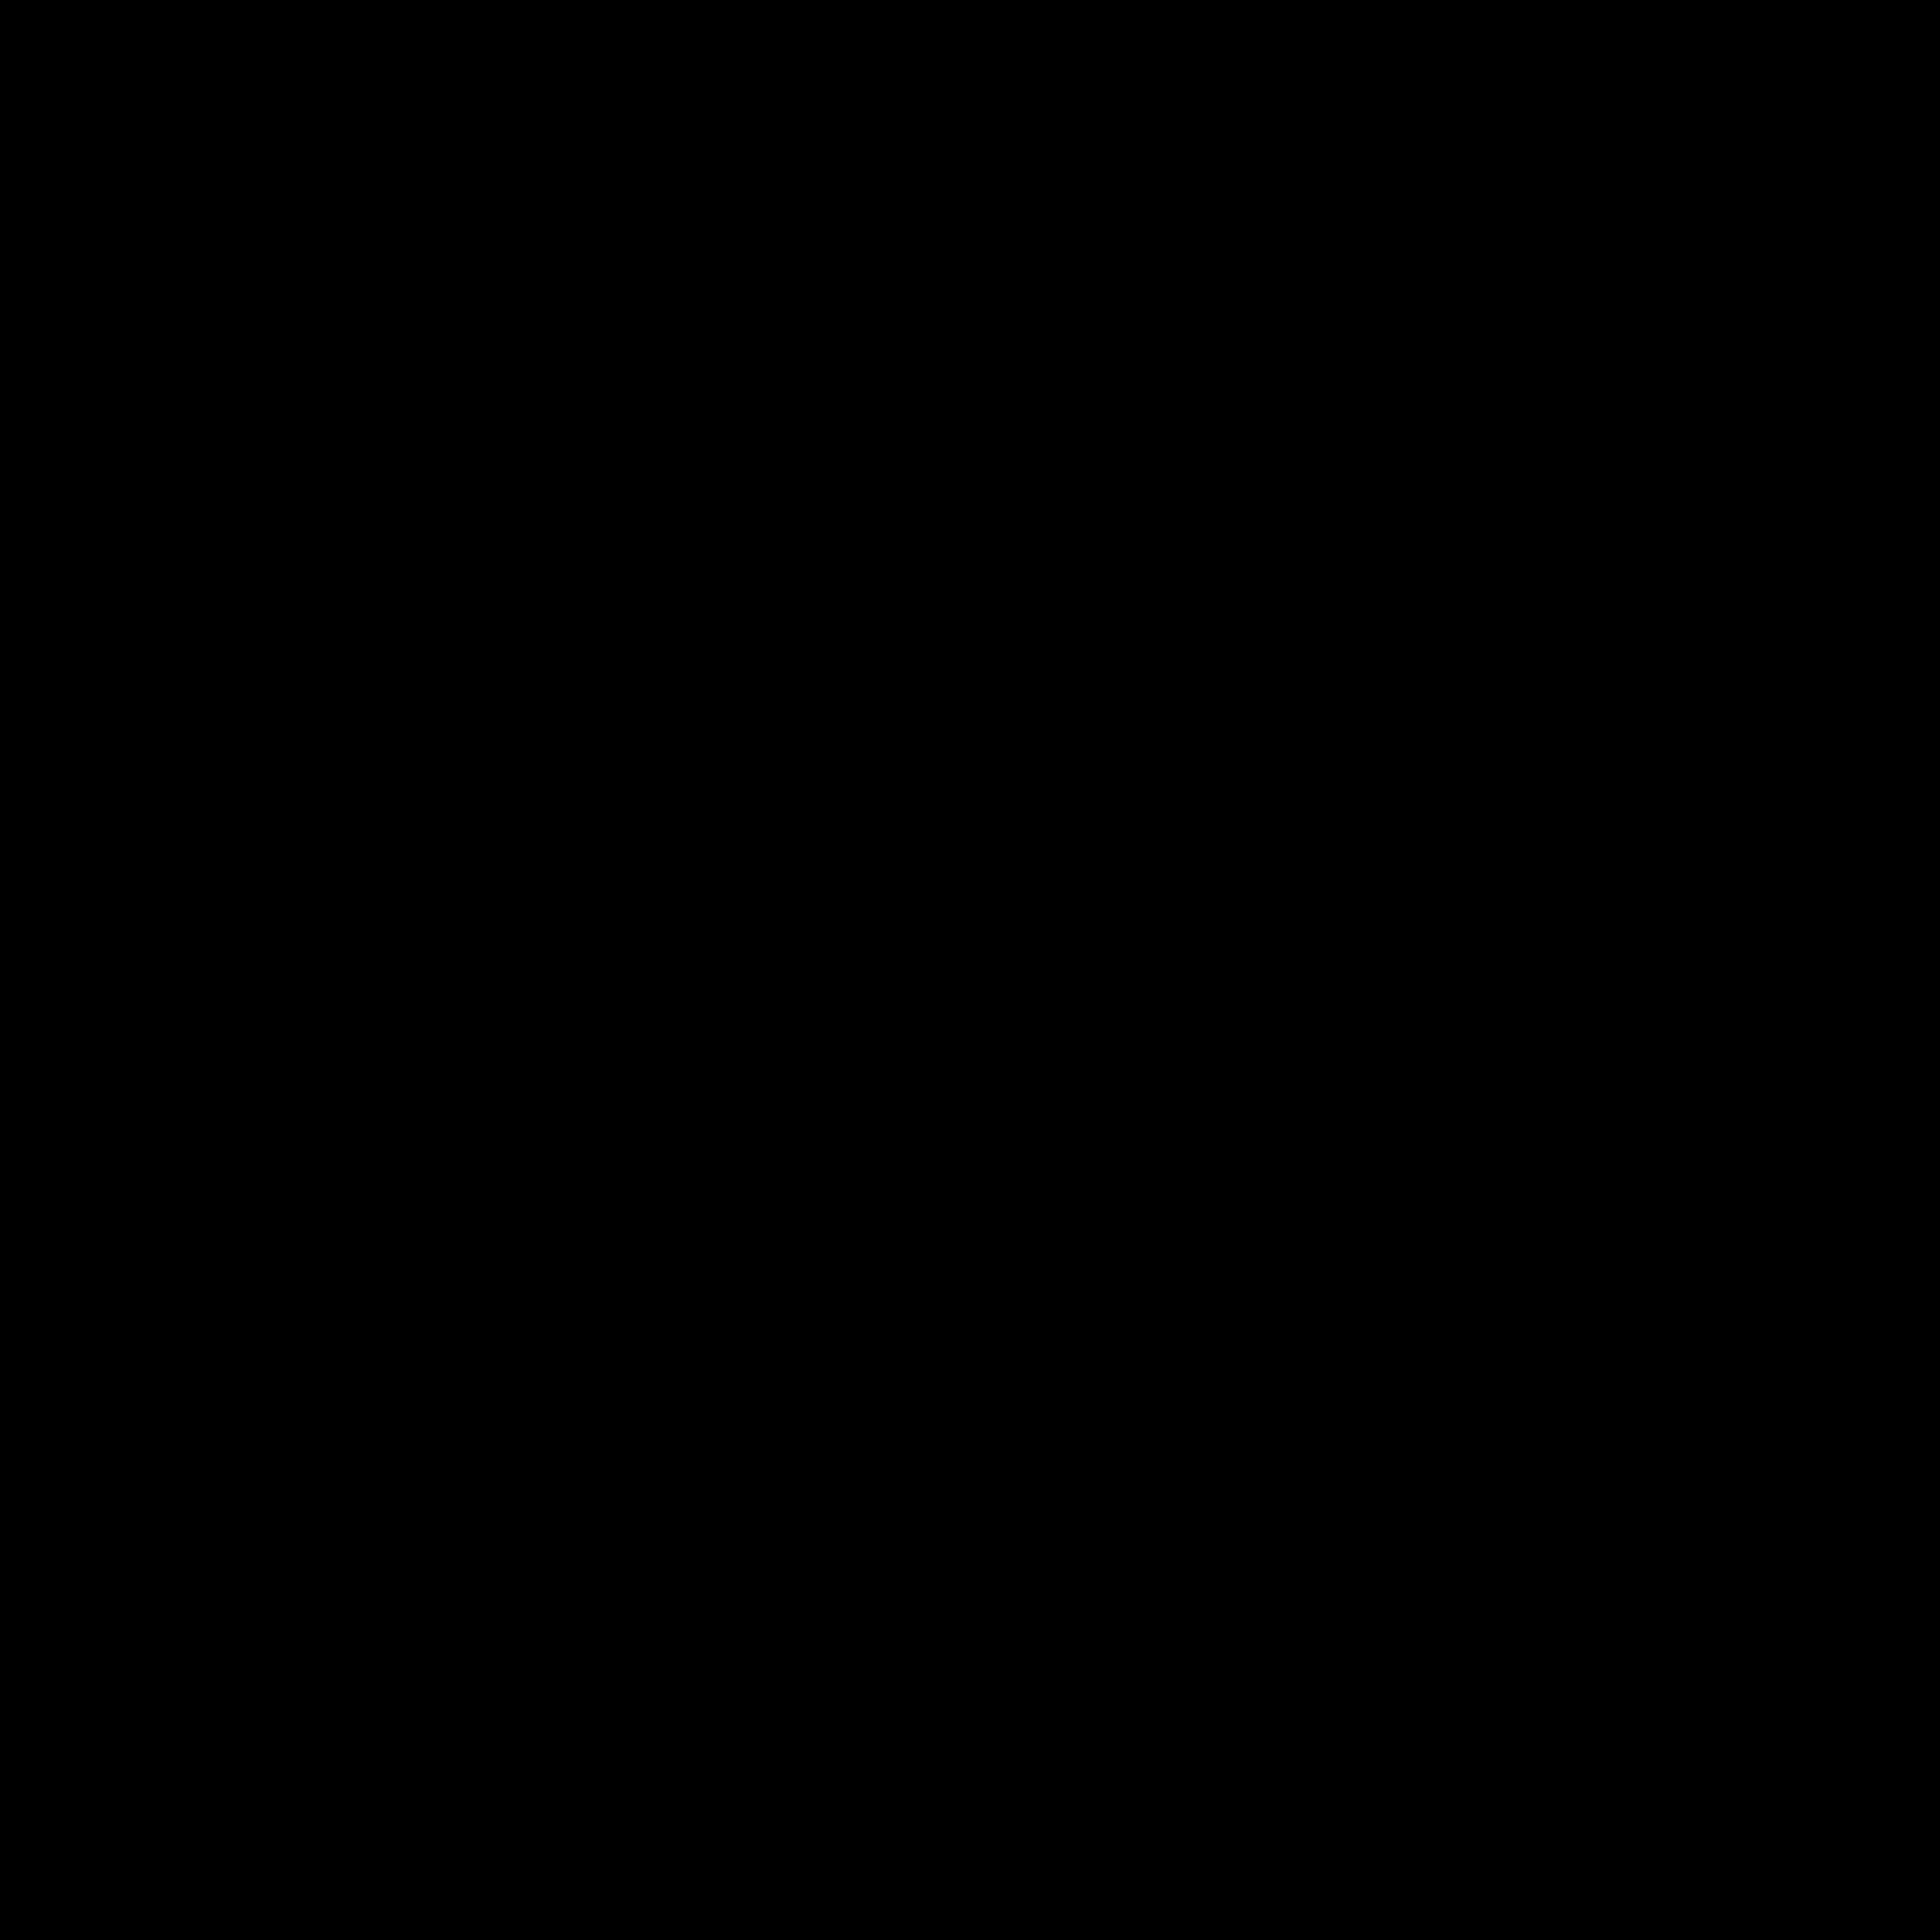 InDesign 1.1